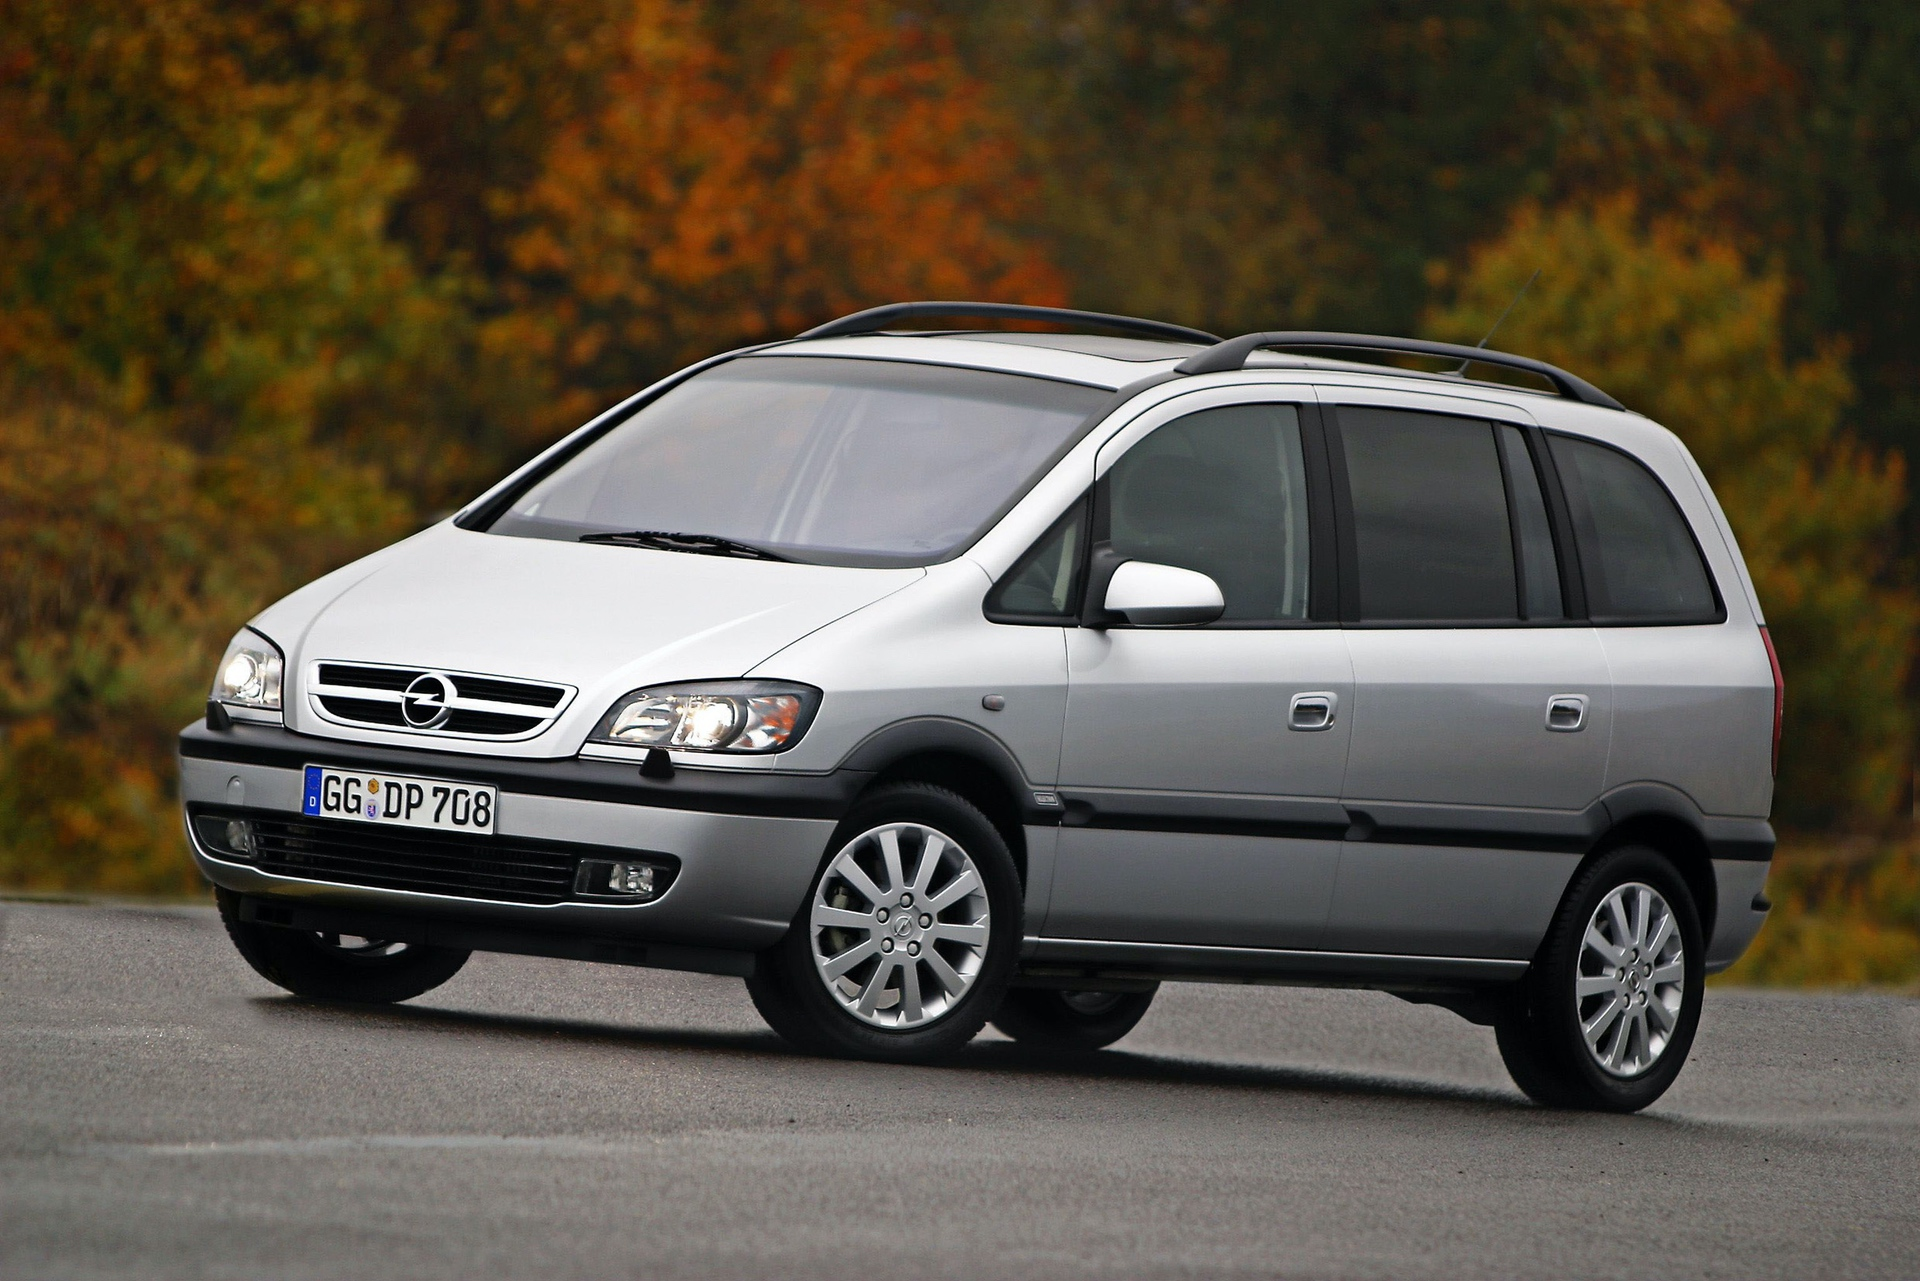 Opel-Zafira-71161_0